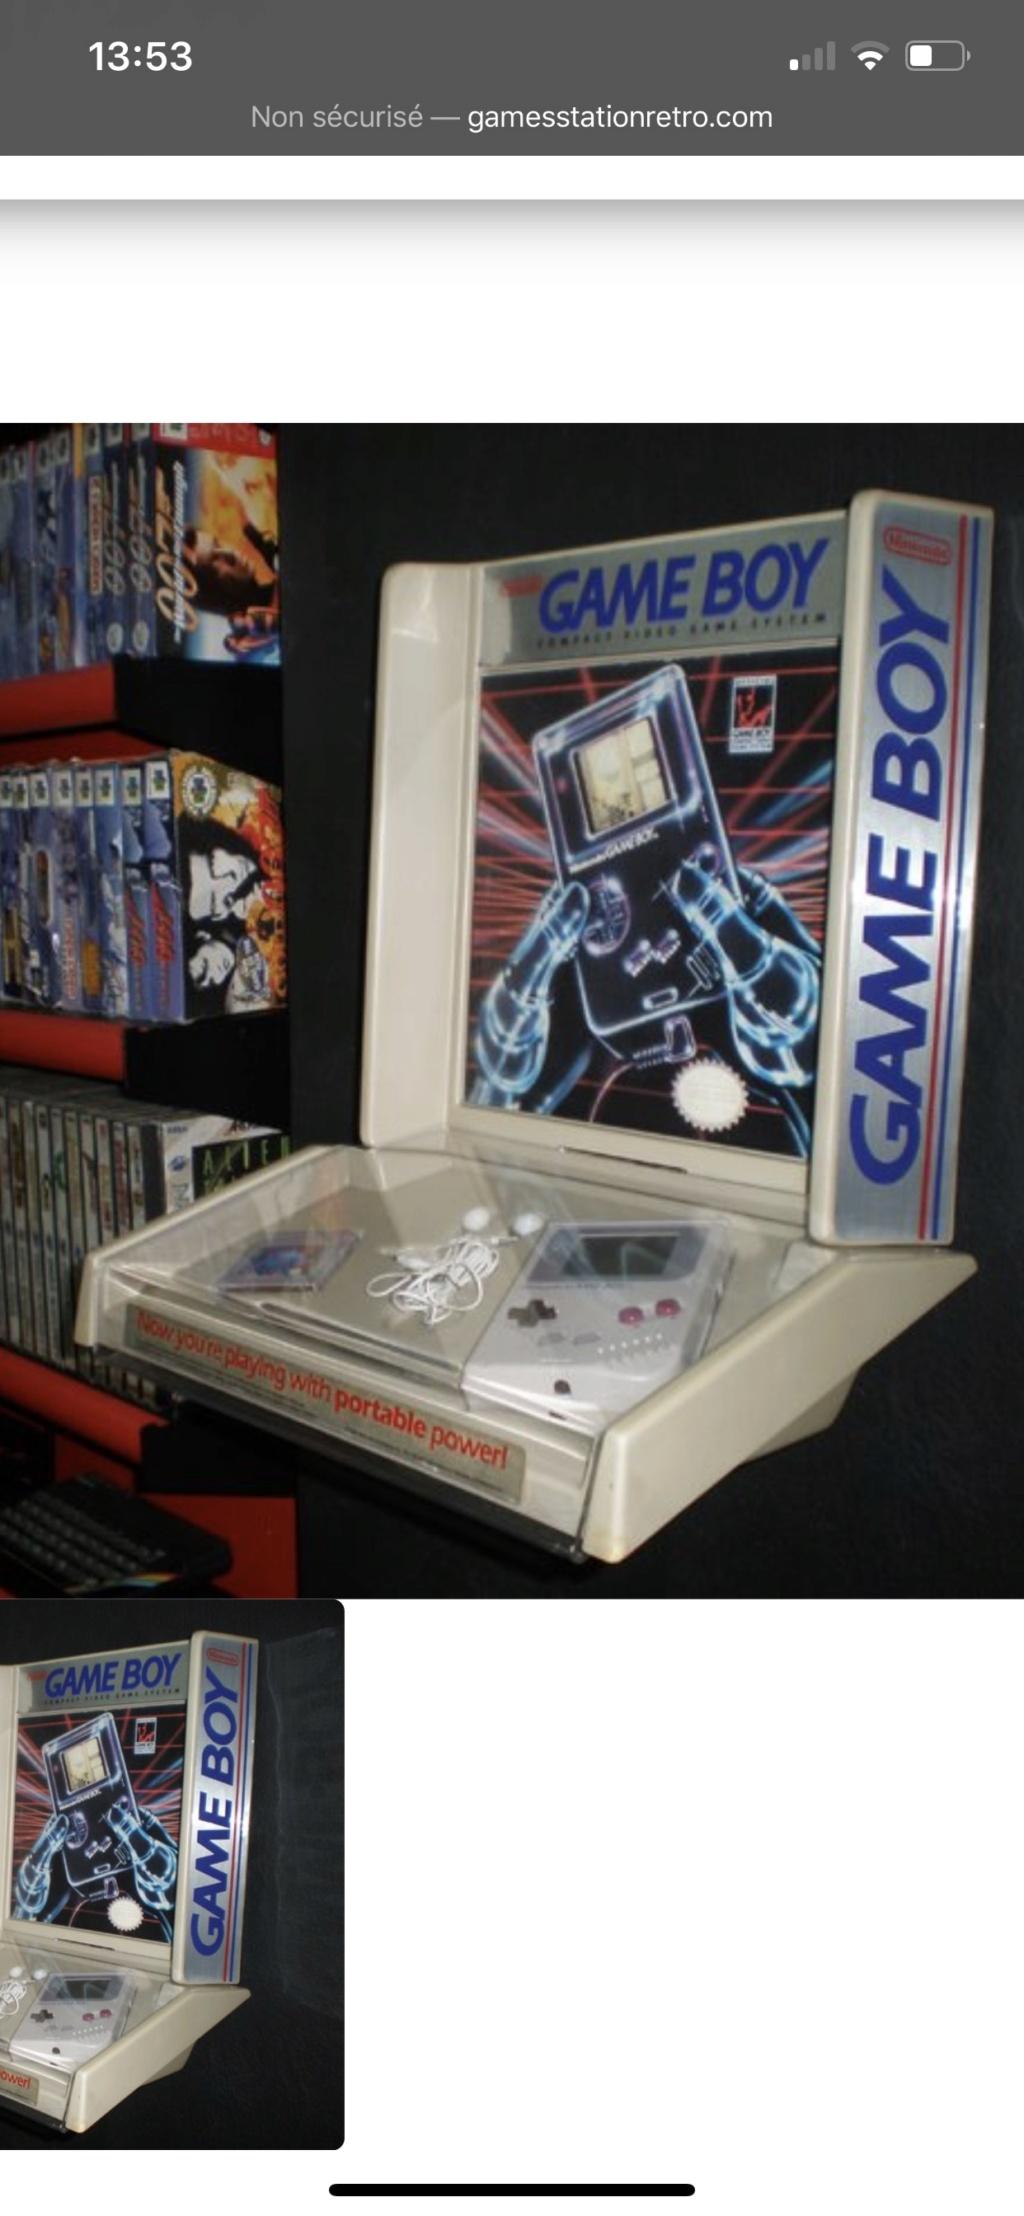 Borne Gameboy  E559c410